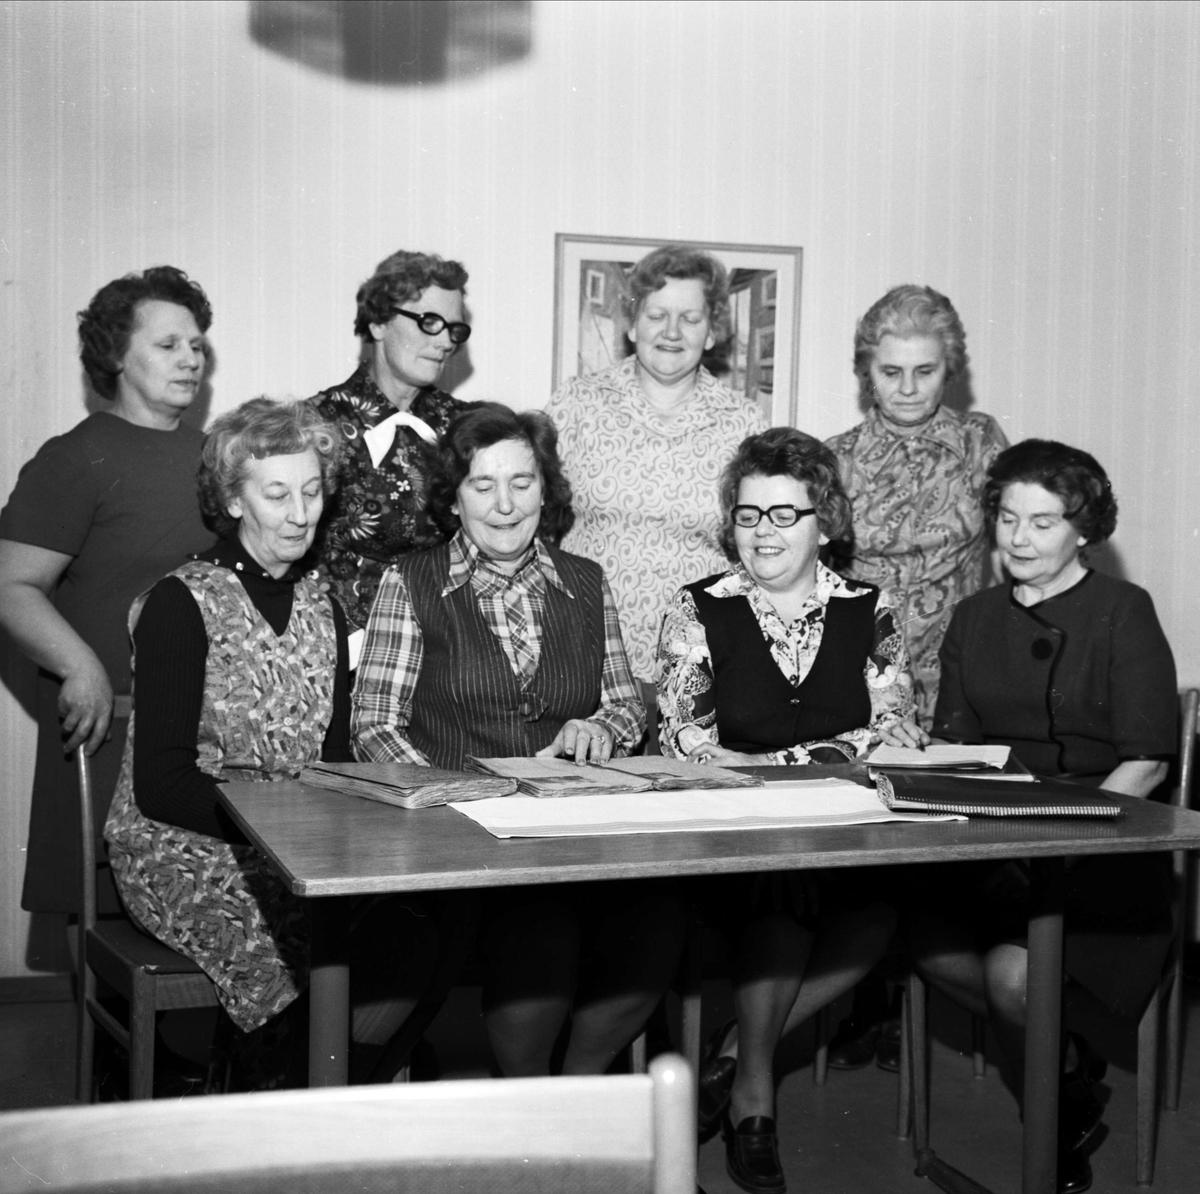 Centerkvinnor i Tierpsbygden har samlats i Tierp, Uppland januari 1973